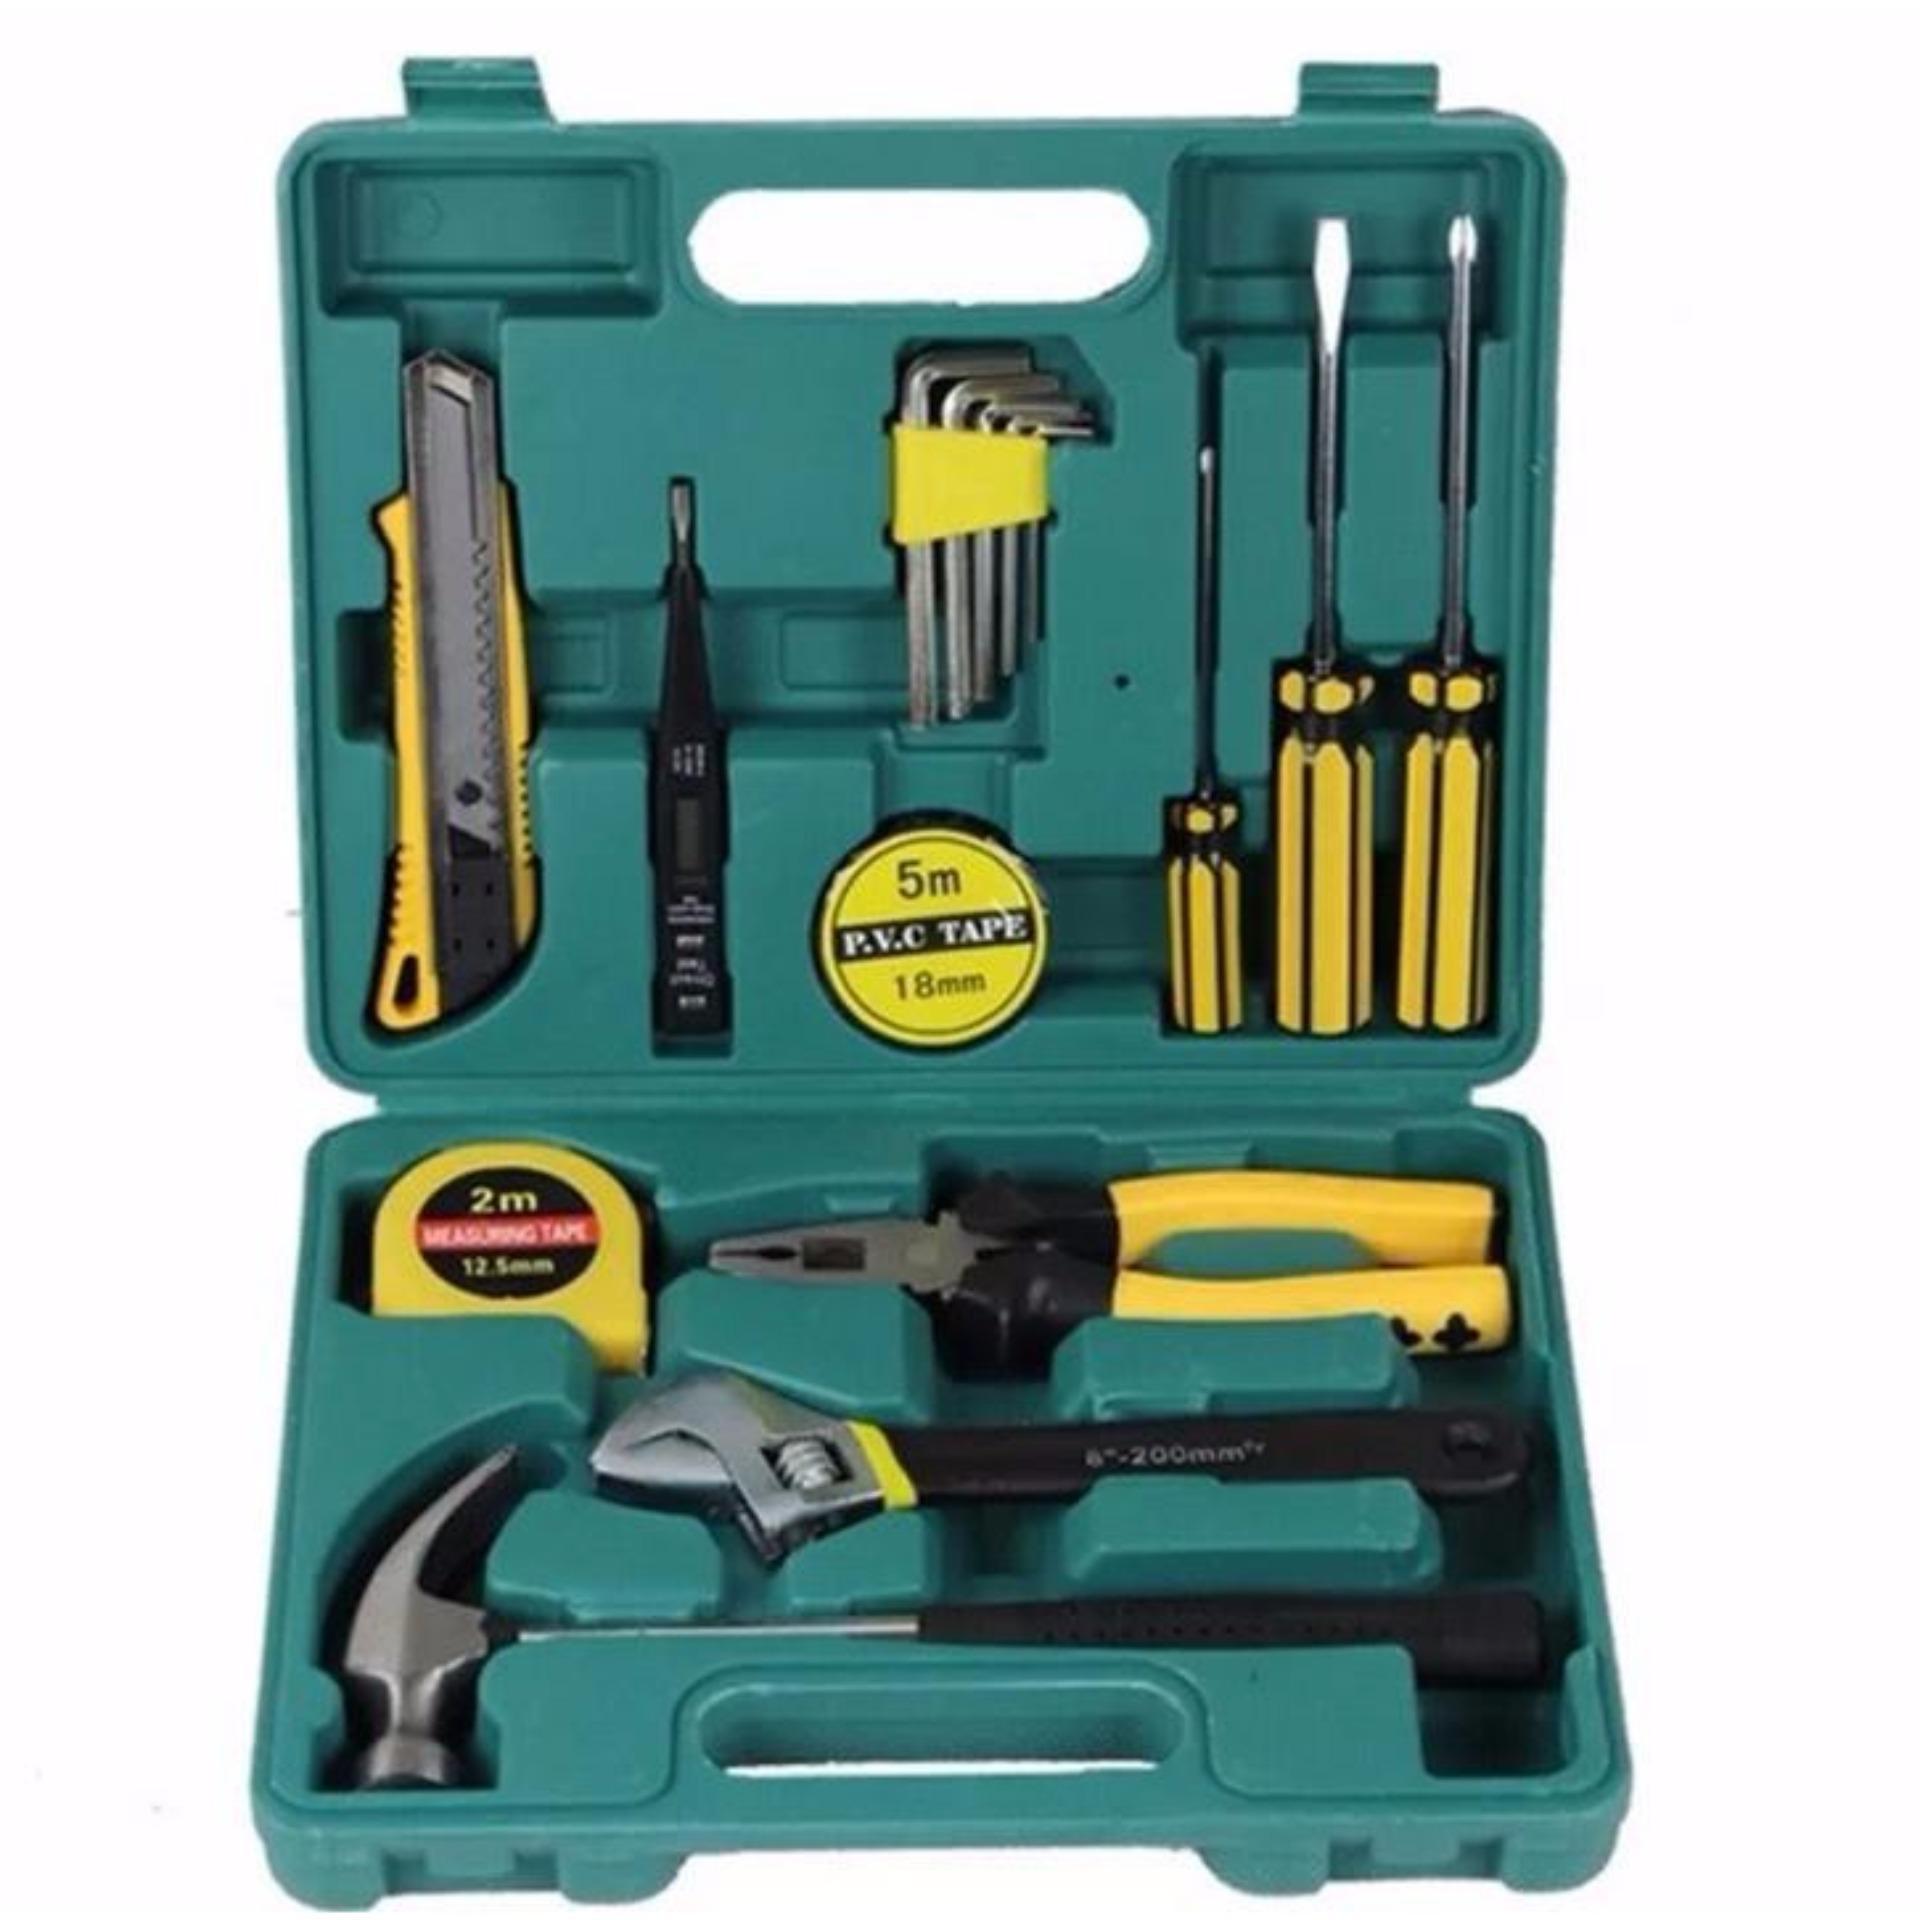 Bộ dụng cụ sửa chữa đa năng 16 món cao cấp